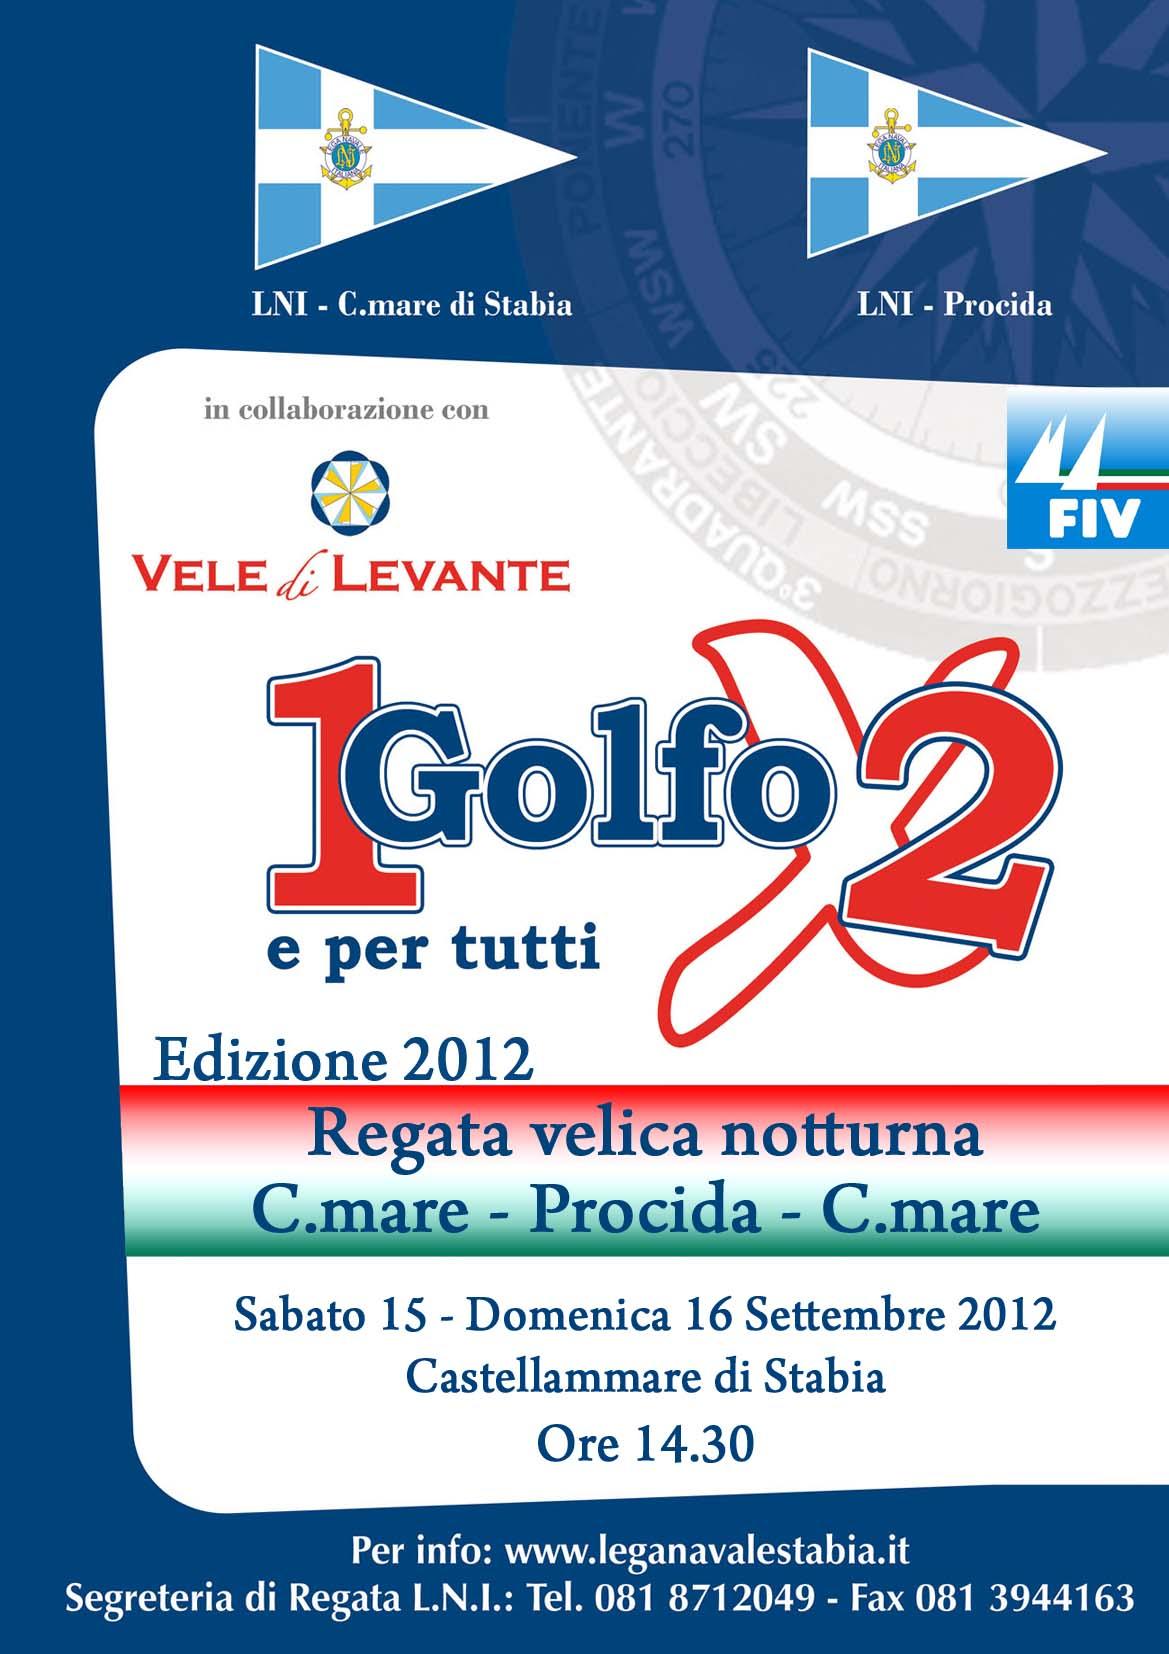 http://www.leganavalestabia.it/immagini_articoli/miniature/11346347552.jpg